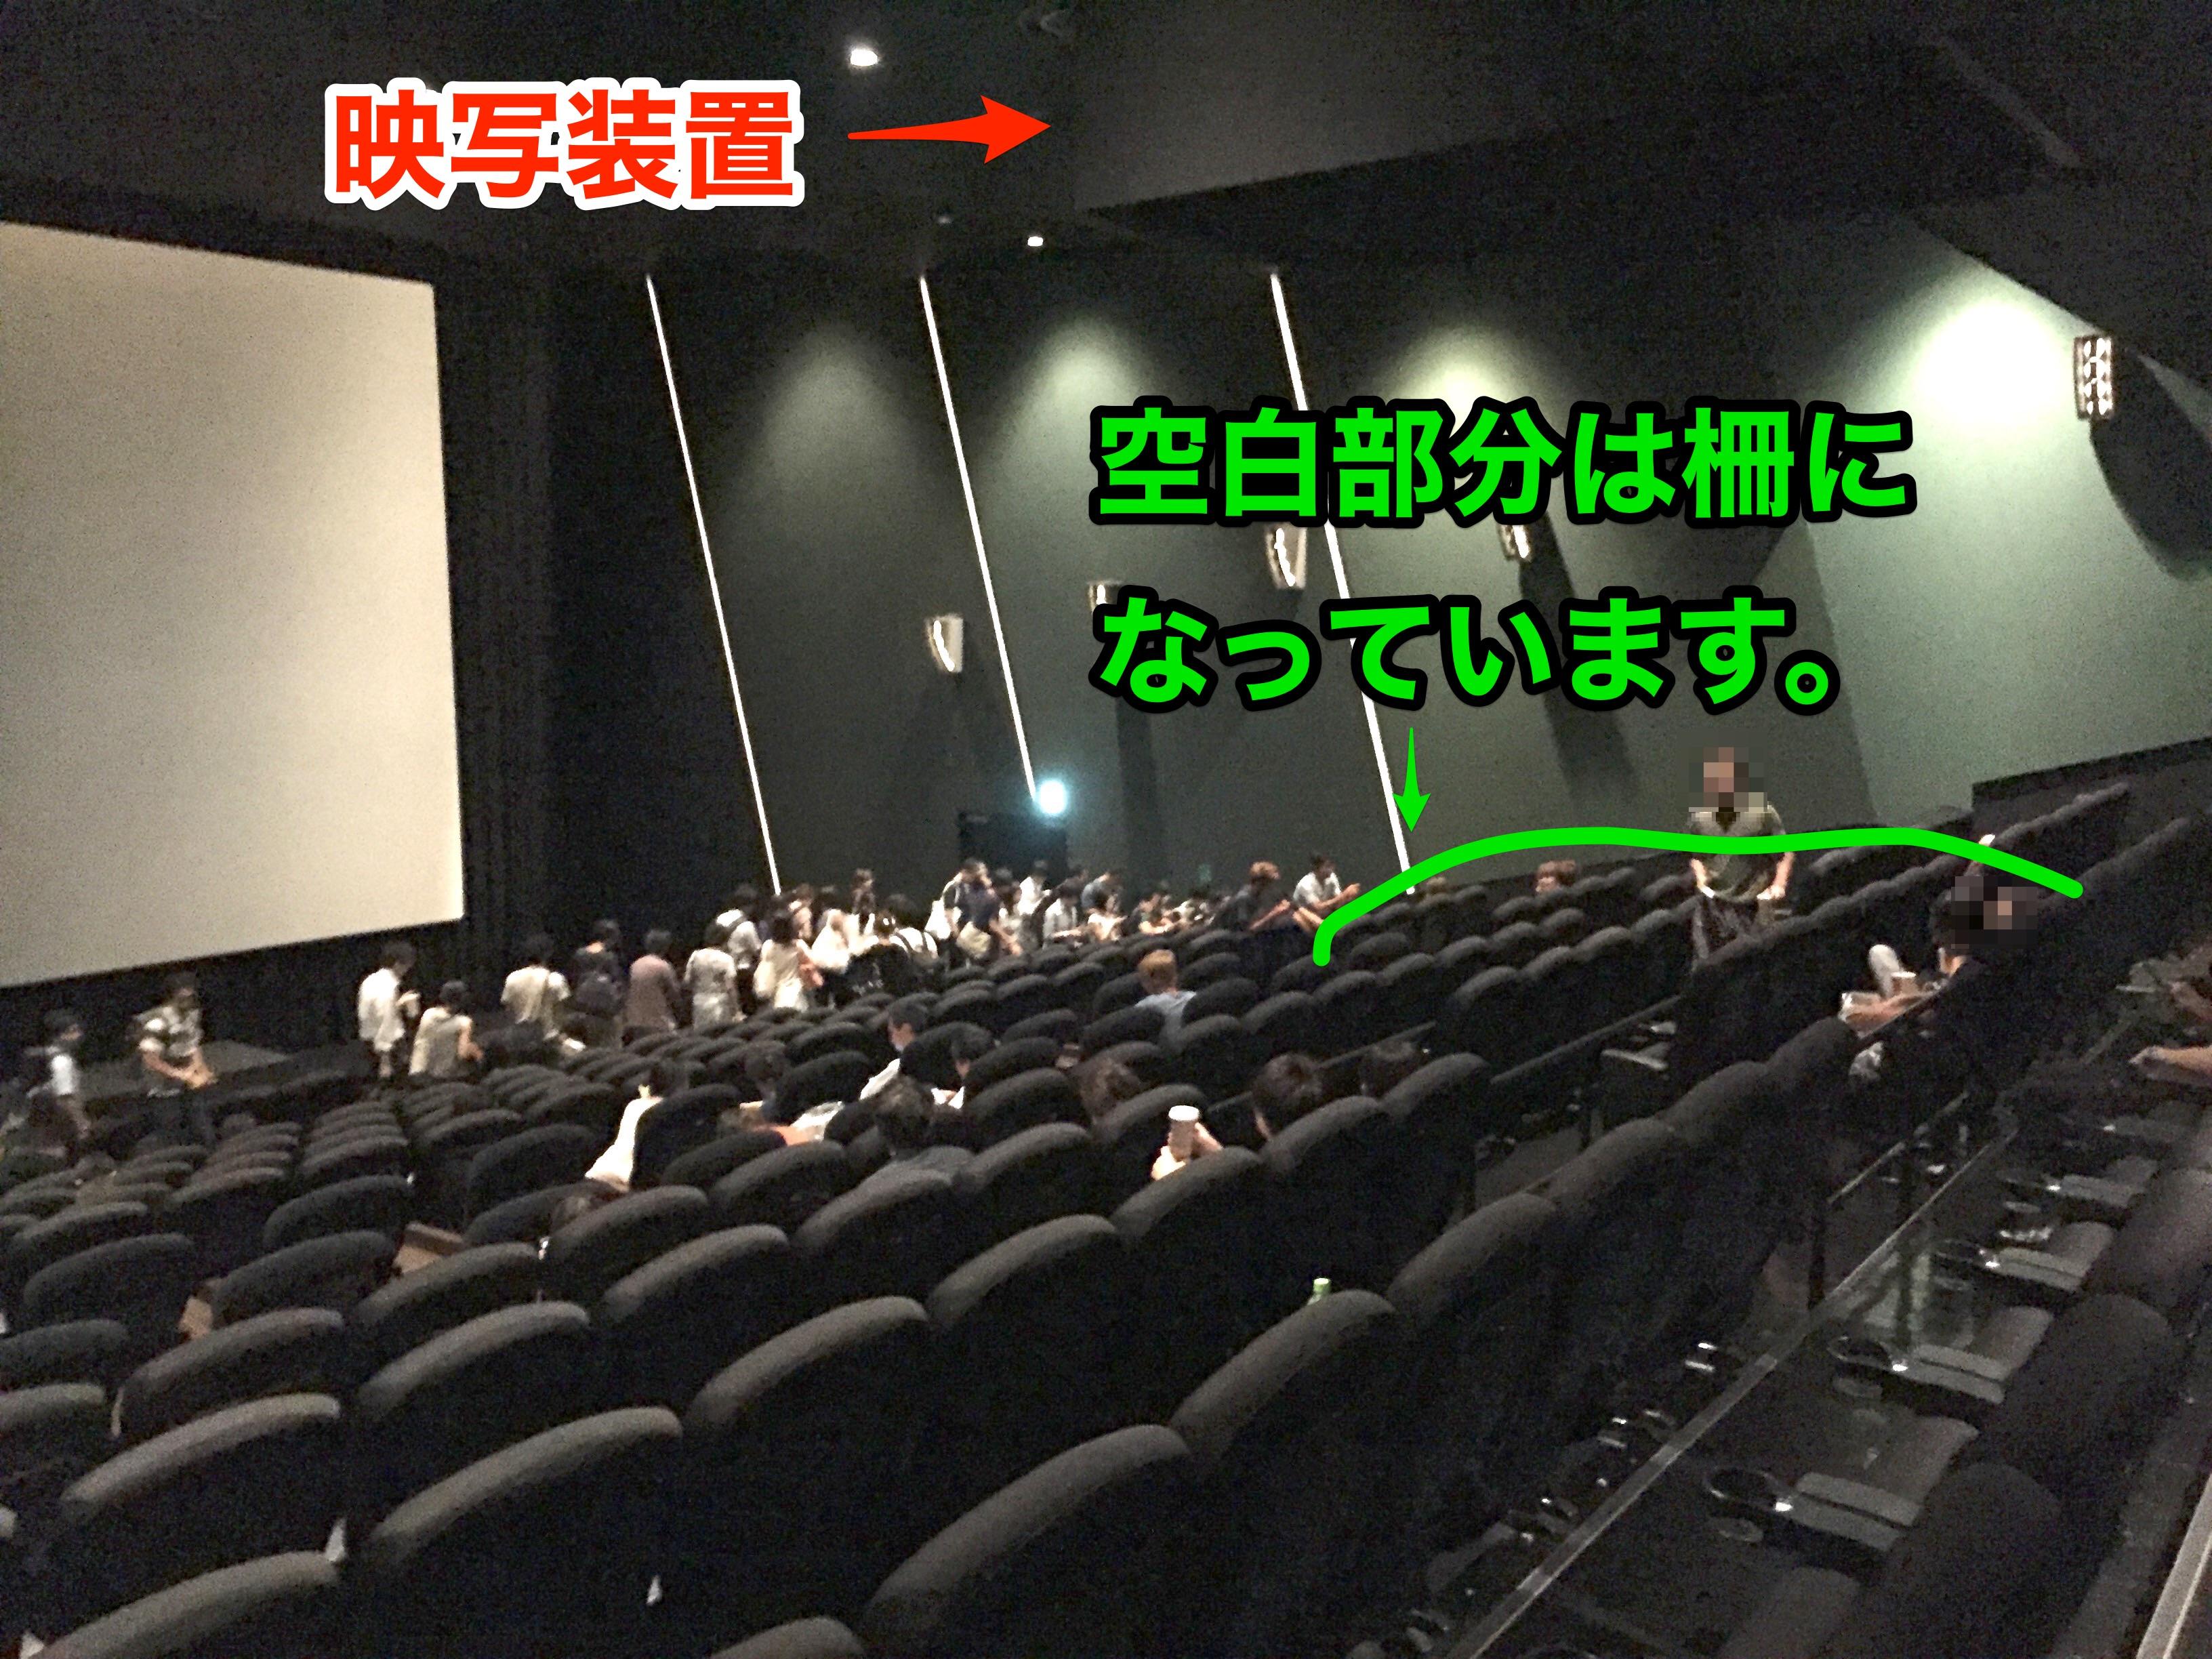 二子 玉川 シネマズ 109